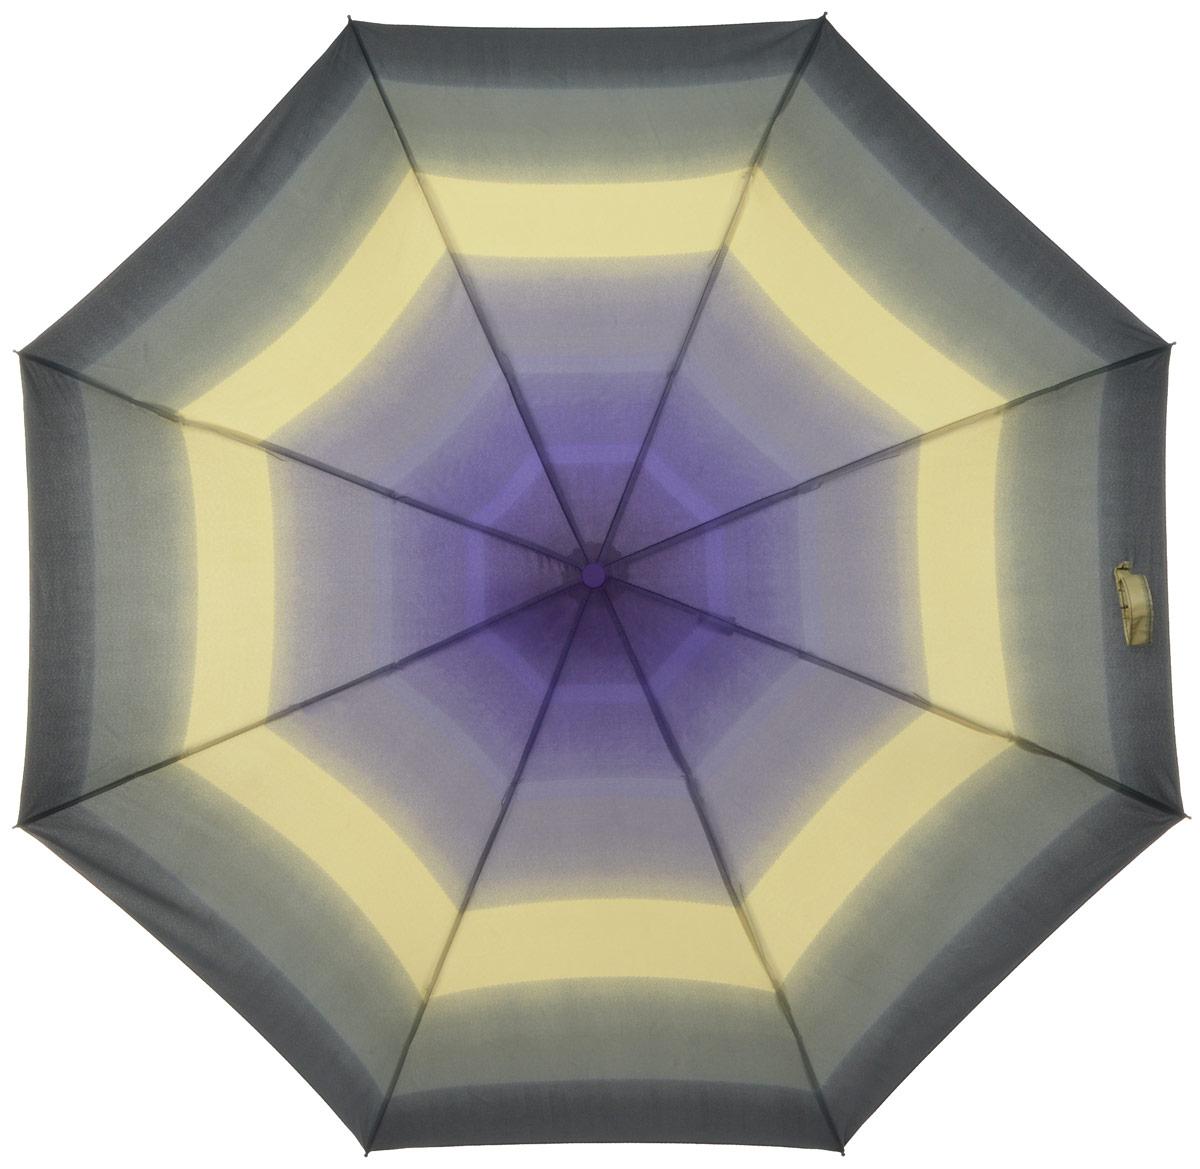 Зонт женский Labbra, автомат, 3 сложения, цвет: серый, фиолетовый. A3-05-040A3-05-040Яркий зонт Labbra не оставит вас незамеченной. Зонт оформлен оригинальным принтом. Зонт состоит из восьми спиц и стержня, изготовленных из стали и фибергласса. Купол выполнен из качественного полиэстера и эпонжа, которые не пропускают воду. Зонт дополнен удобной ручкой из пластика. Зонт имеет автоматический механизм сложения: купол открывается и закрывается нажатием кнопки на ручке, стержень складывается вручную до характерного щелчка, благодаря чему открыть и закрыть зонт можно одной рукой. Ручка дополнена петлей, благодаря которой зонт можно носить на запястье . К зонту прилагается чехол. Удобный и практичный аксессуар даже в ненастную погоду позволит вам оставаться стильной и элегантной.